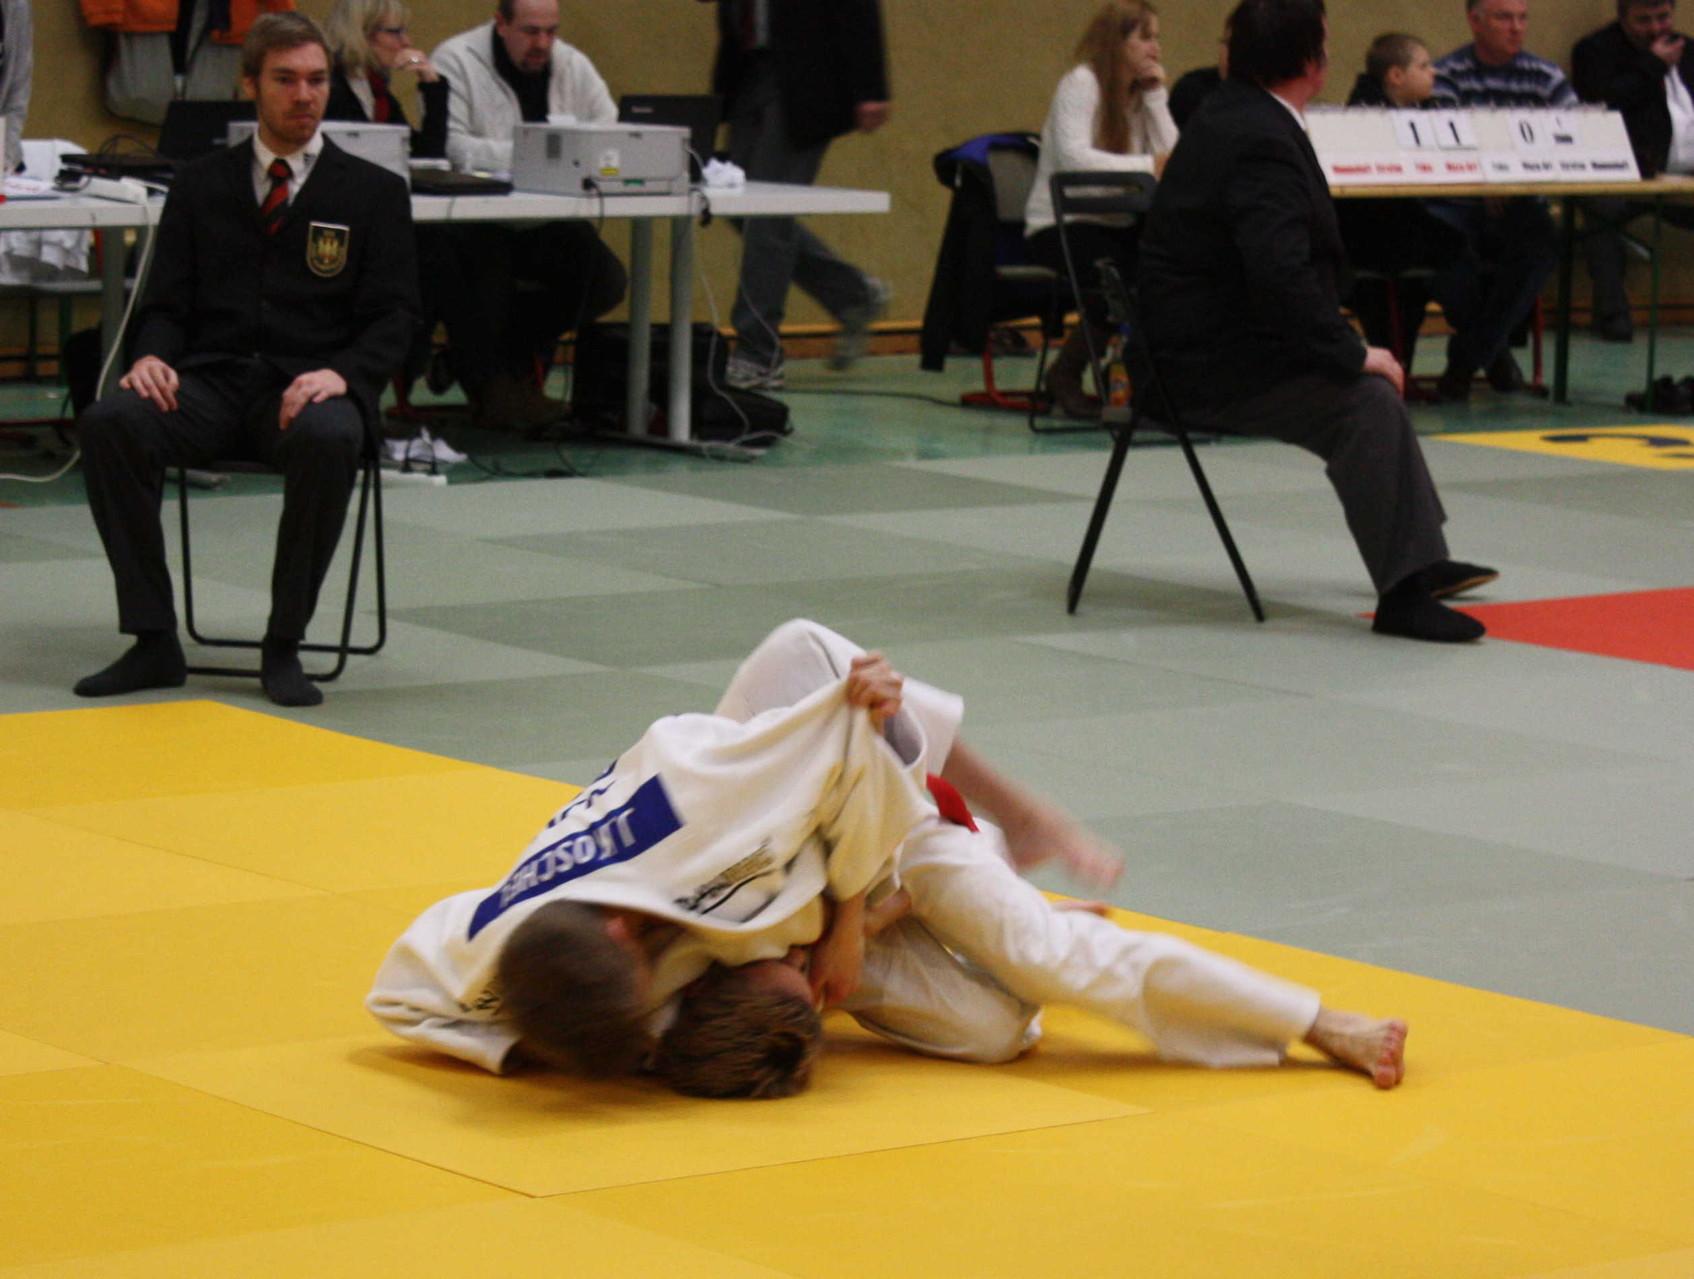 Johannes Koschel (oben) hält seinen Gegner sicher im Haltegriff